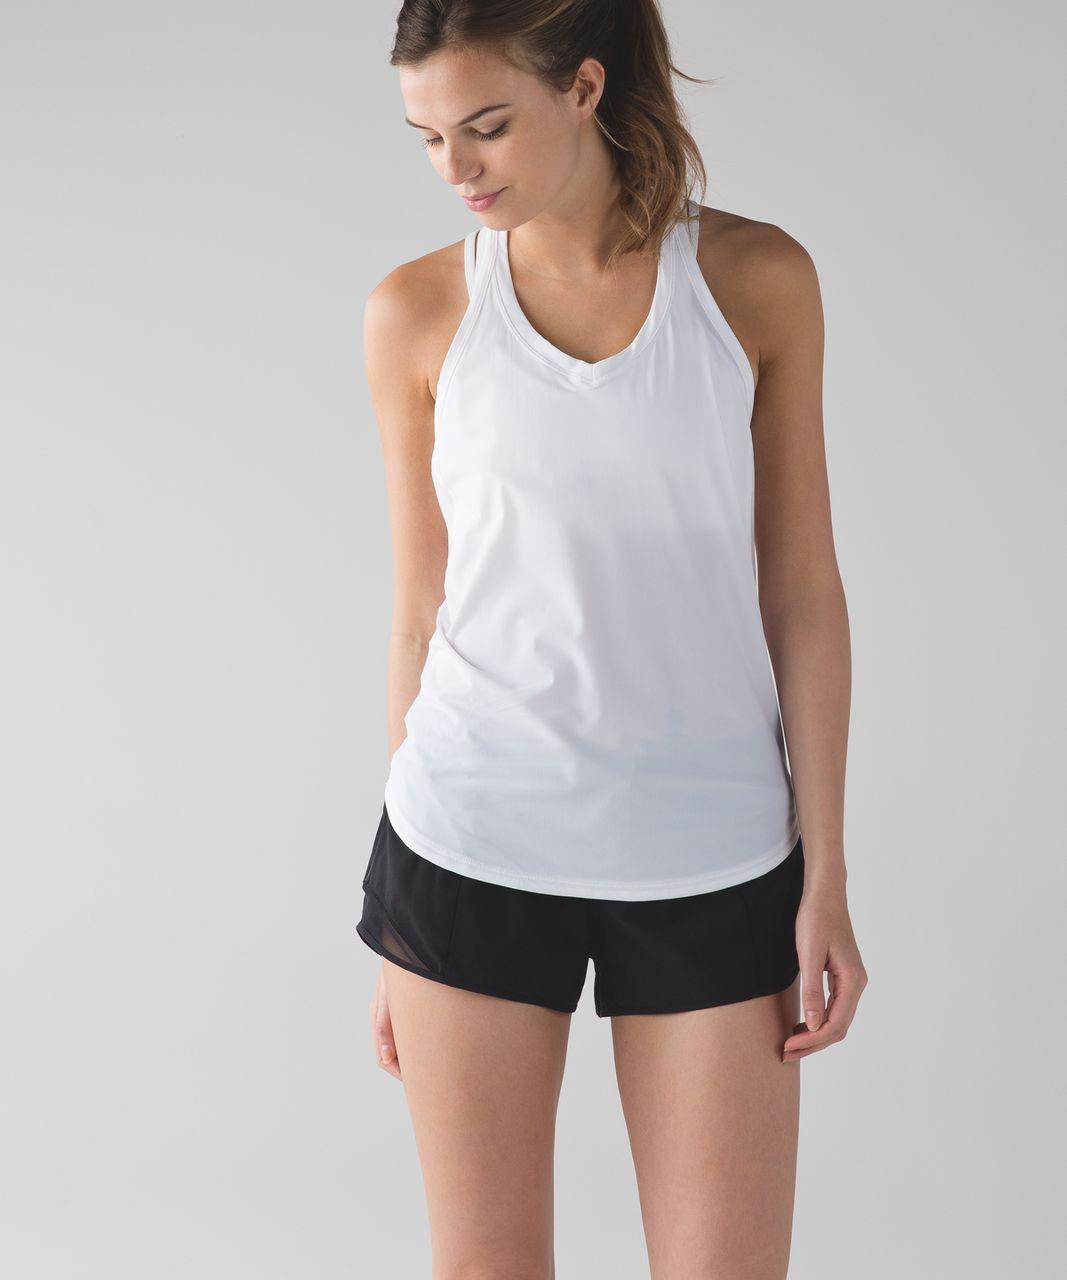 Lululemon Fast Lane Singlet - White